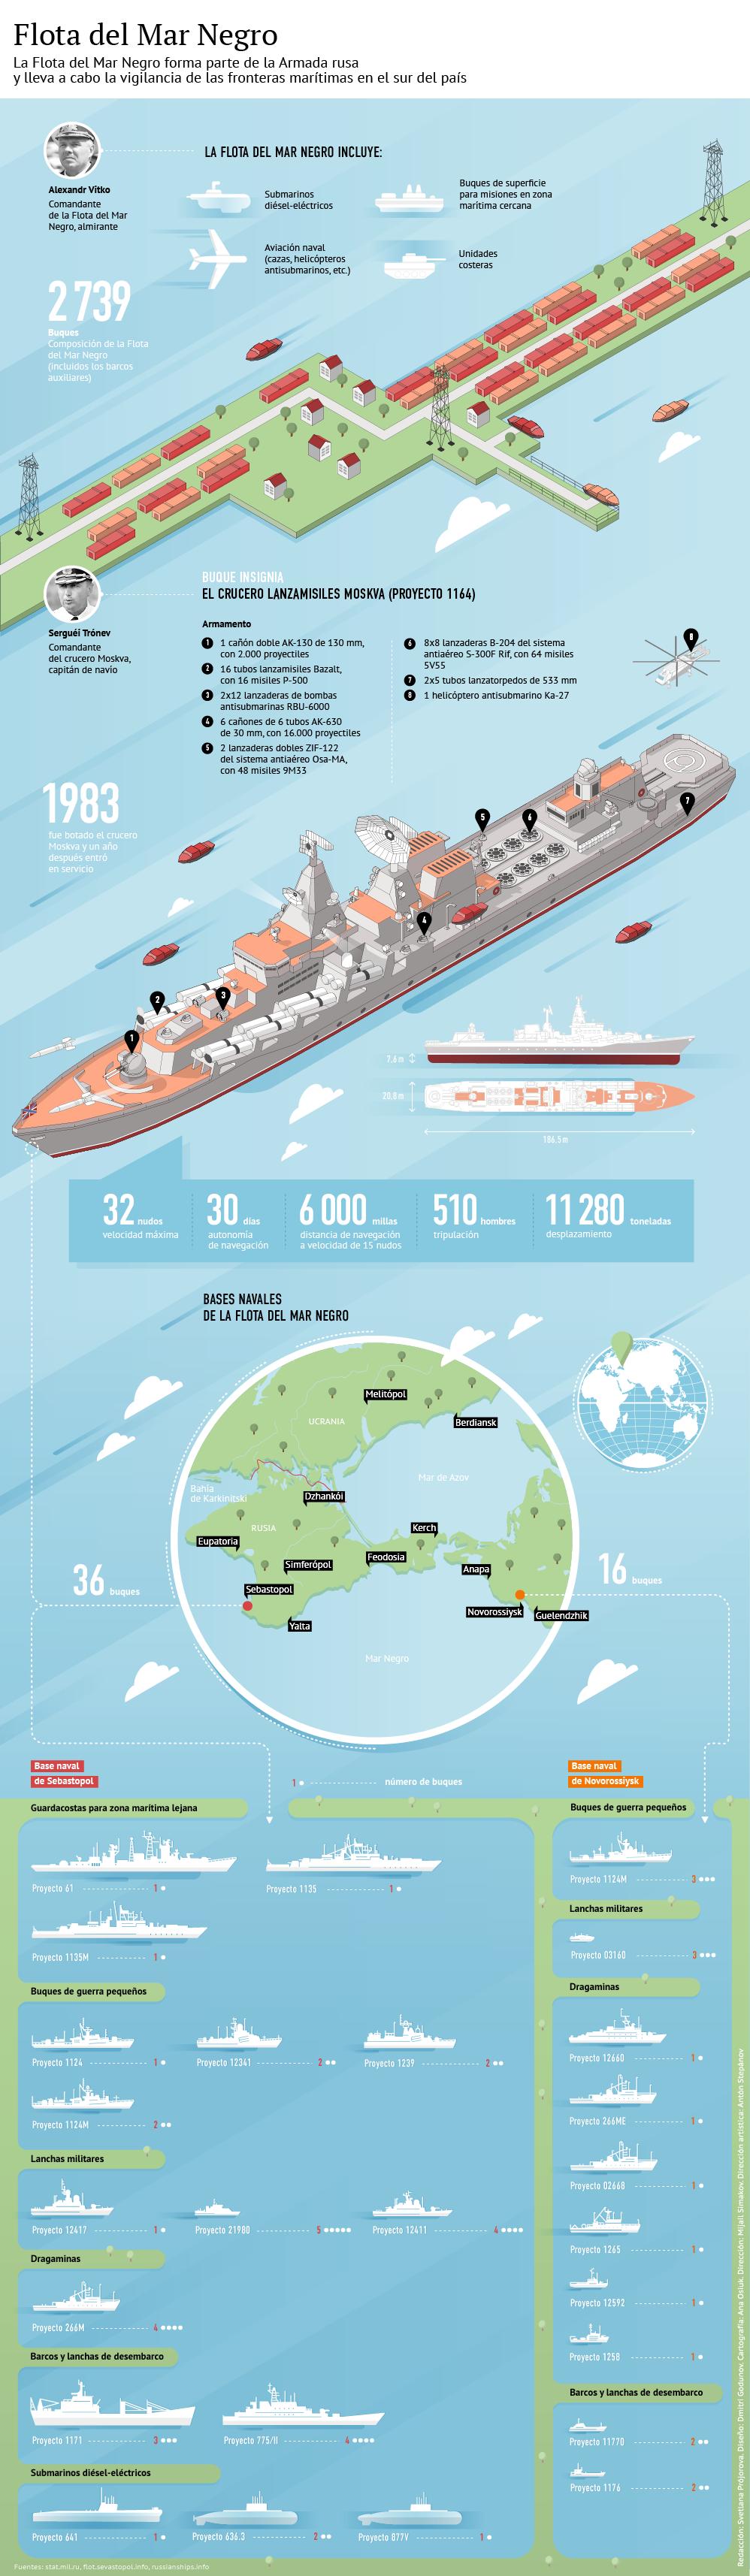 La Flota del Mar Negro y su buque insignia